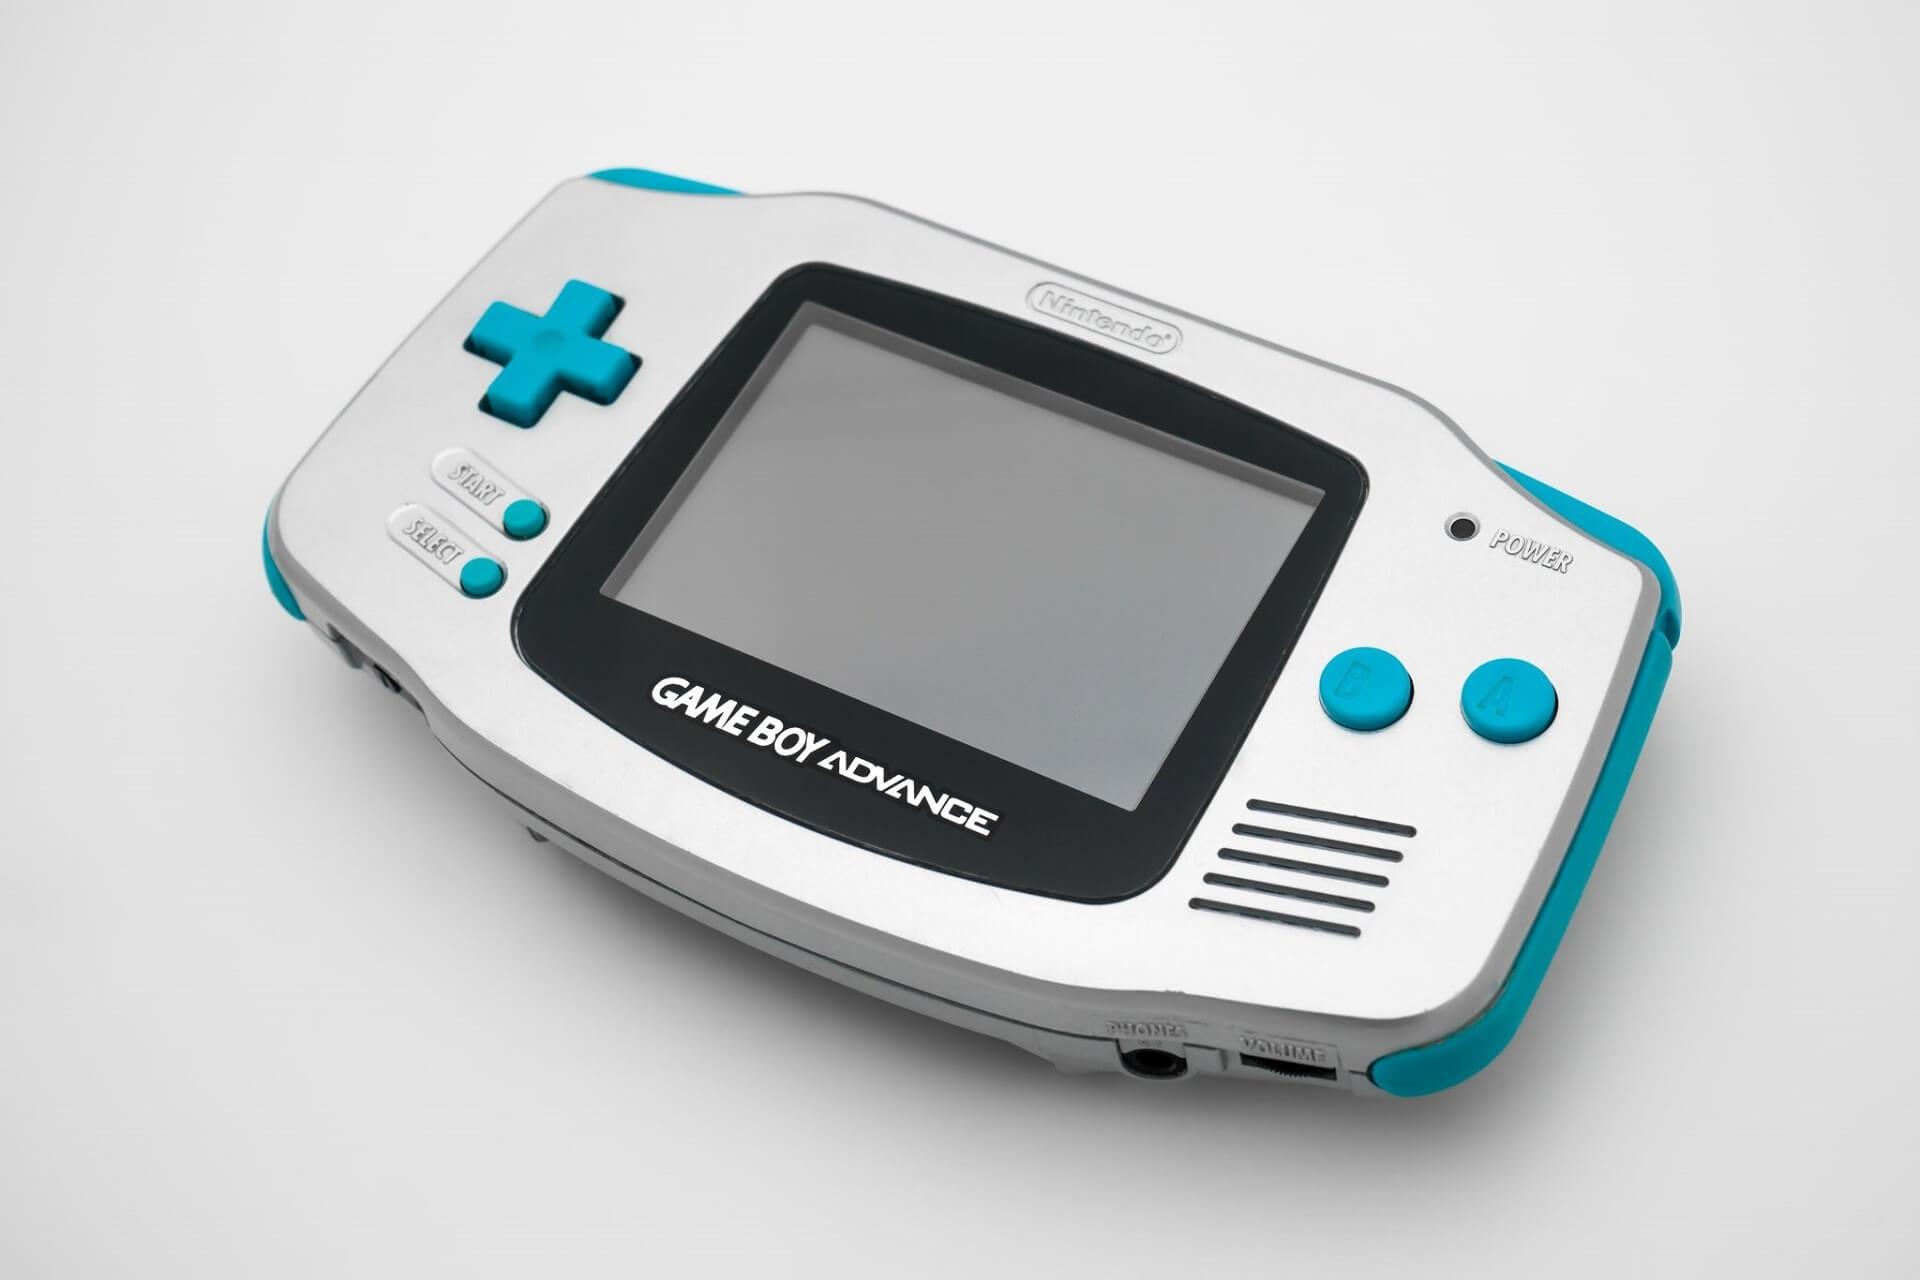 Sonderedition des Game Boy Advance wieder aufgetaucht